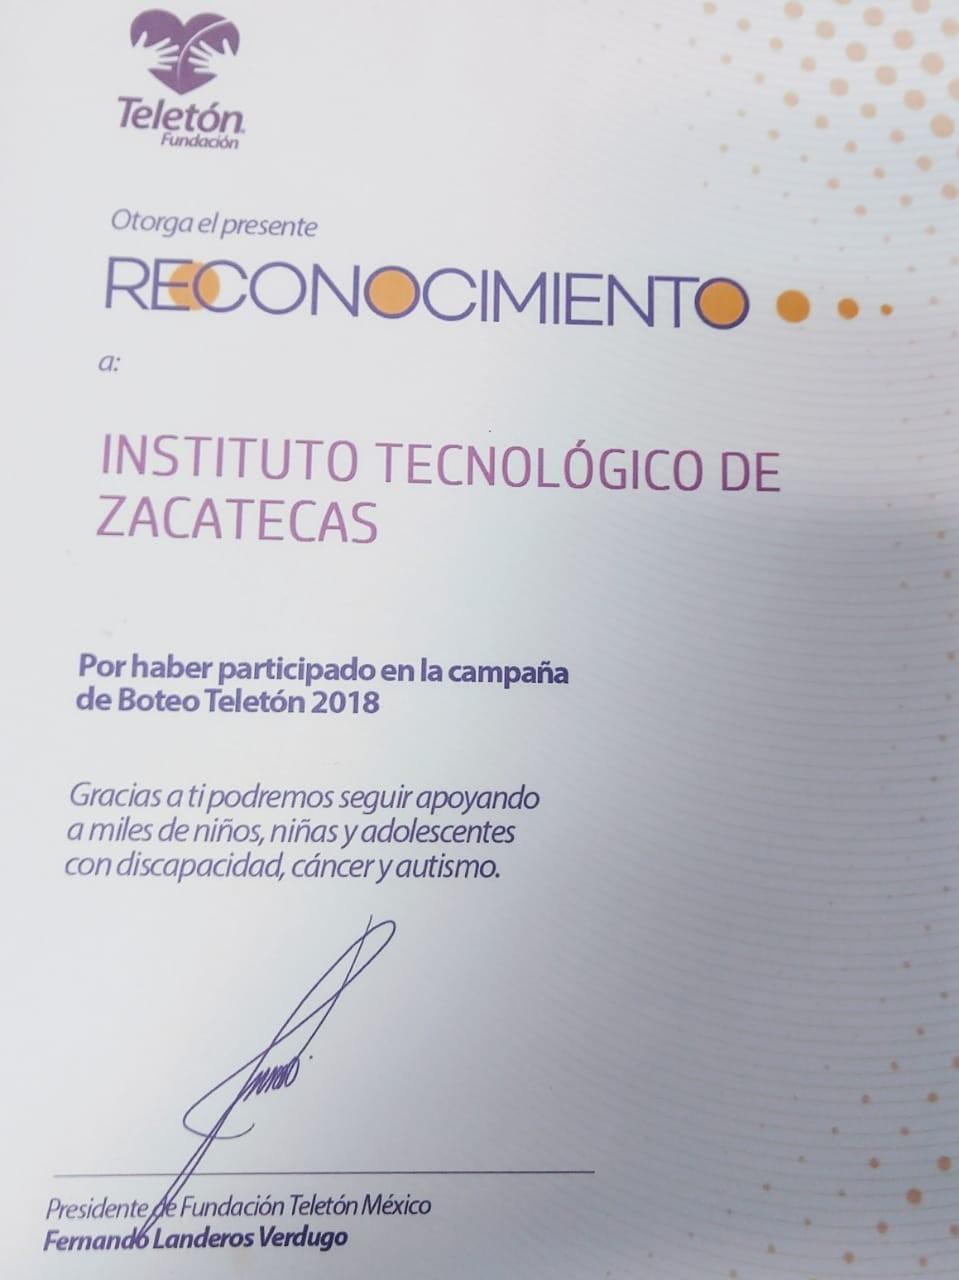 FUNDACION TELETON OTORGA RECONOCIMIENTO AL INSTITUTO TECNOLOGICO DE ZACATECAS